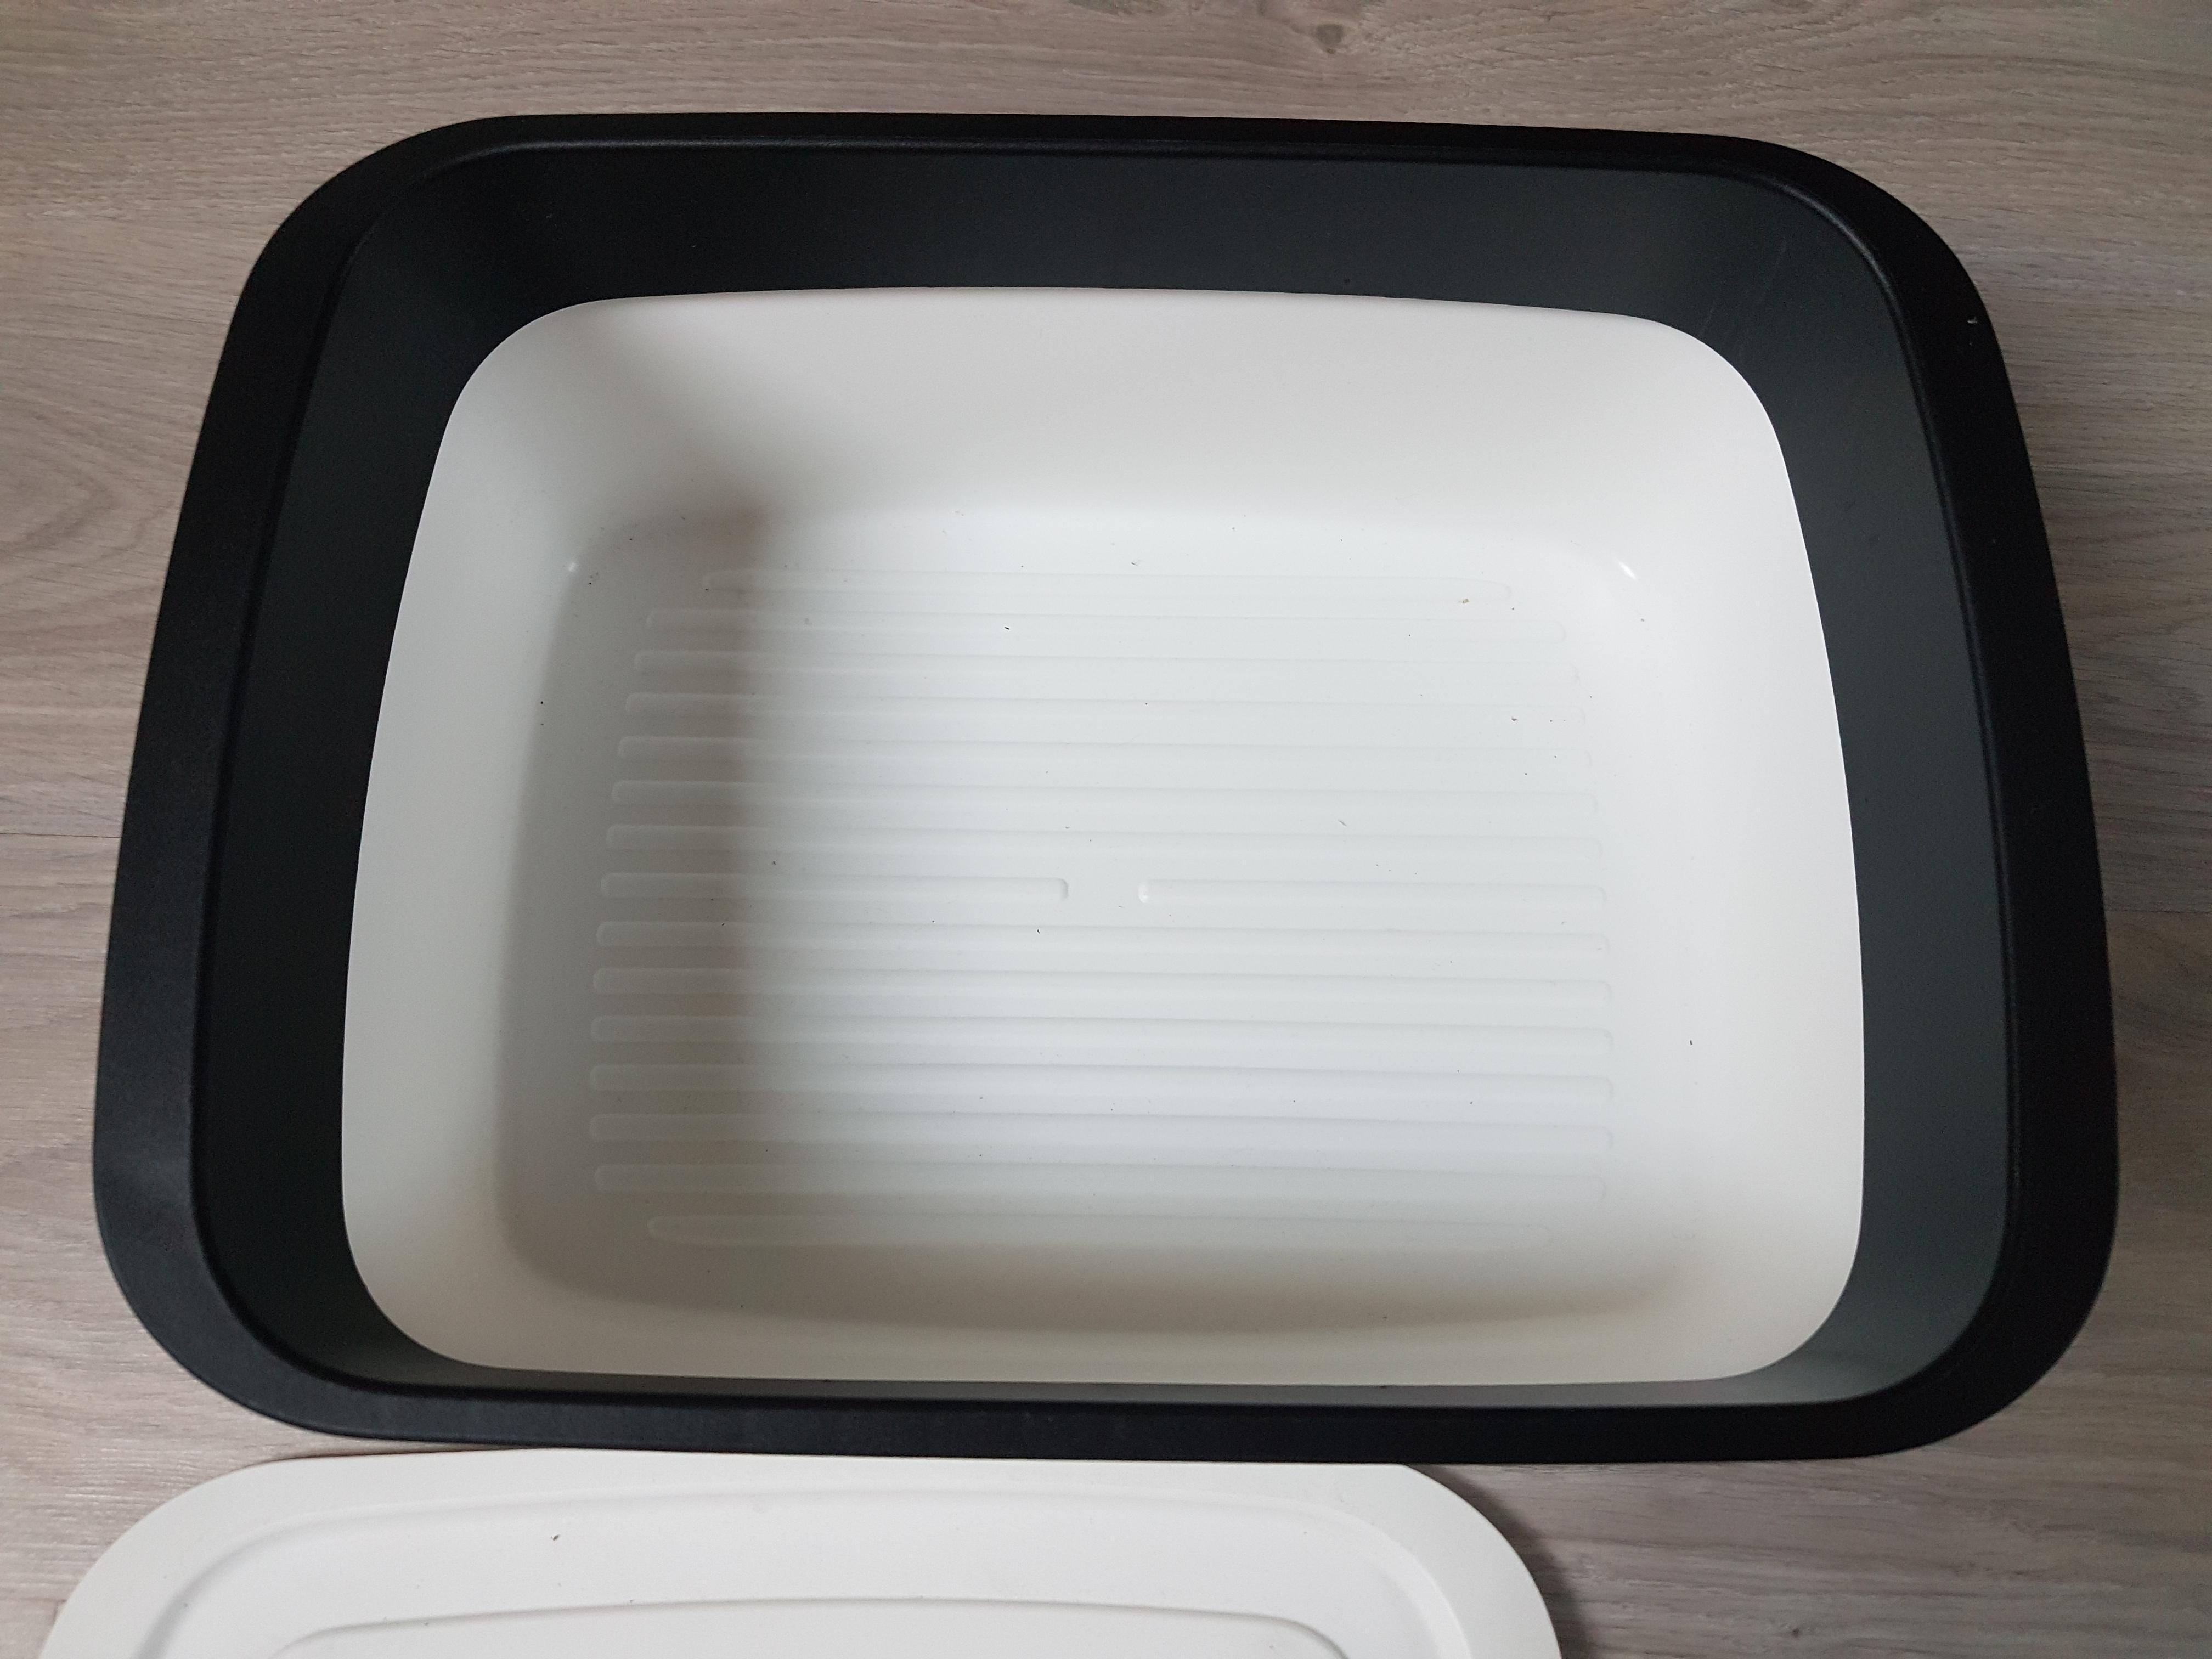 troc de troc tupperware boite à pain image 2